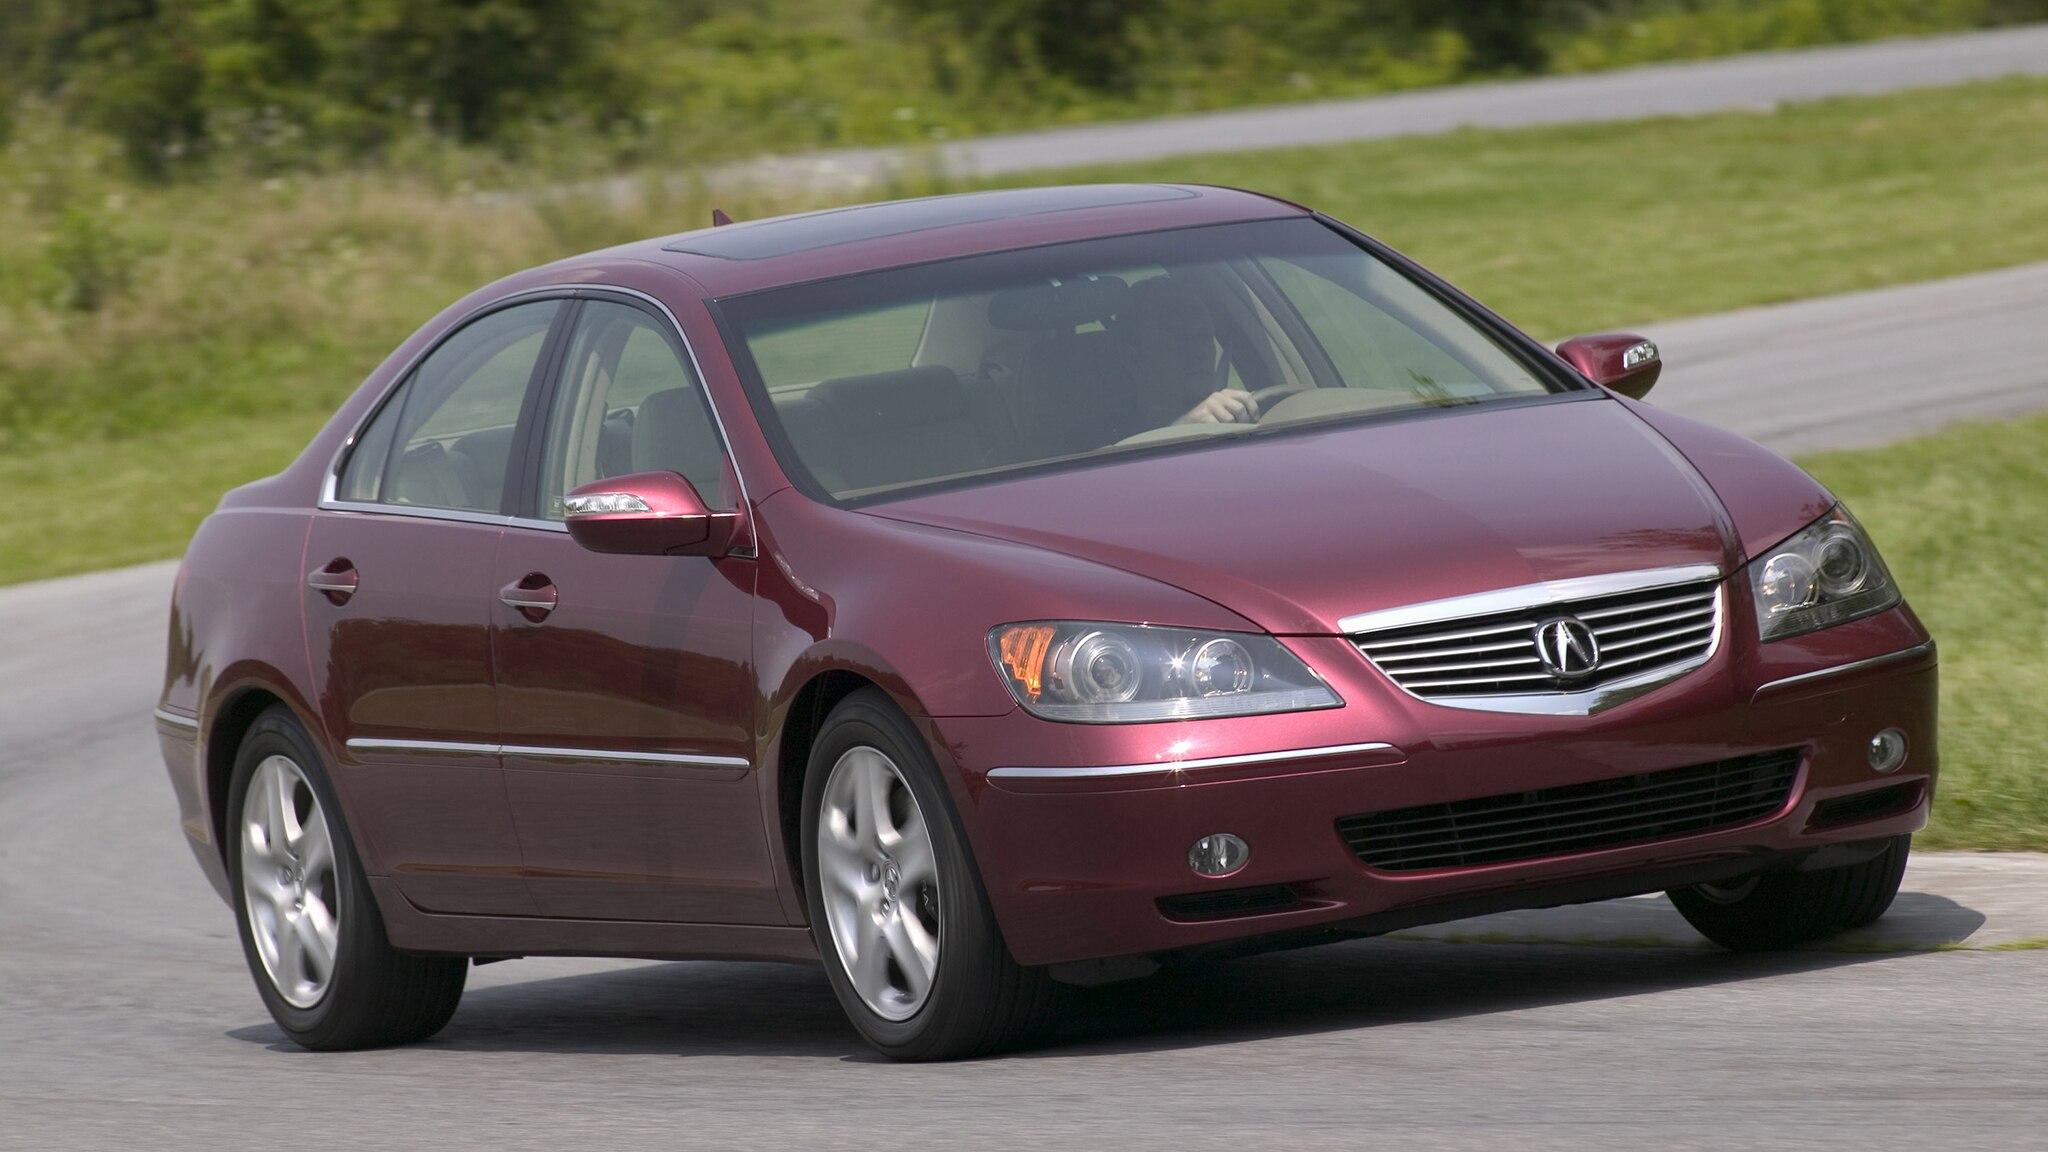 2005 Acura RL SH AWD